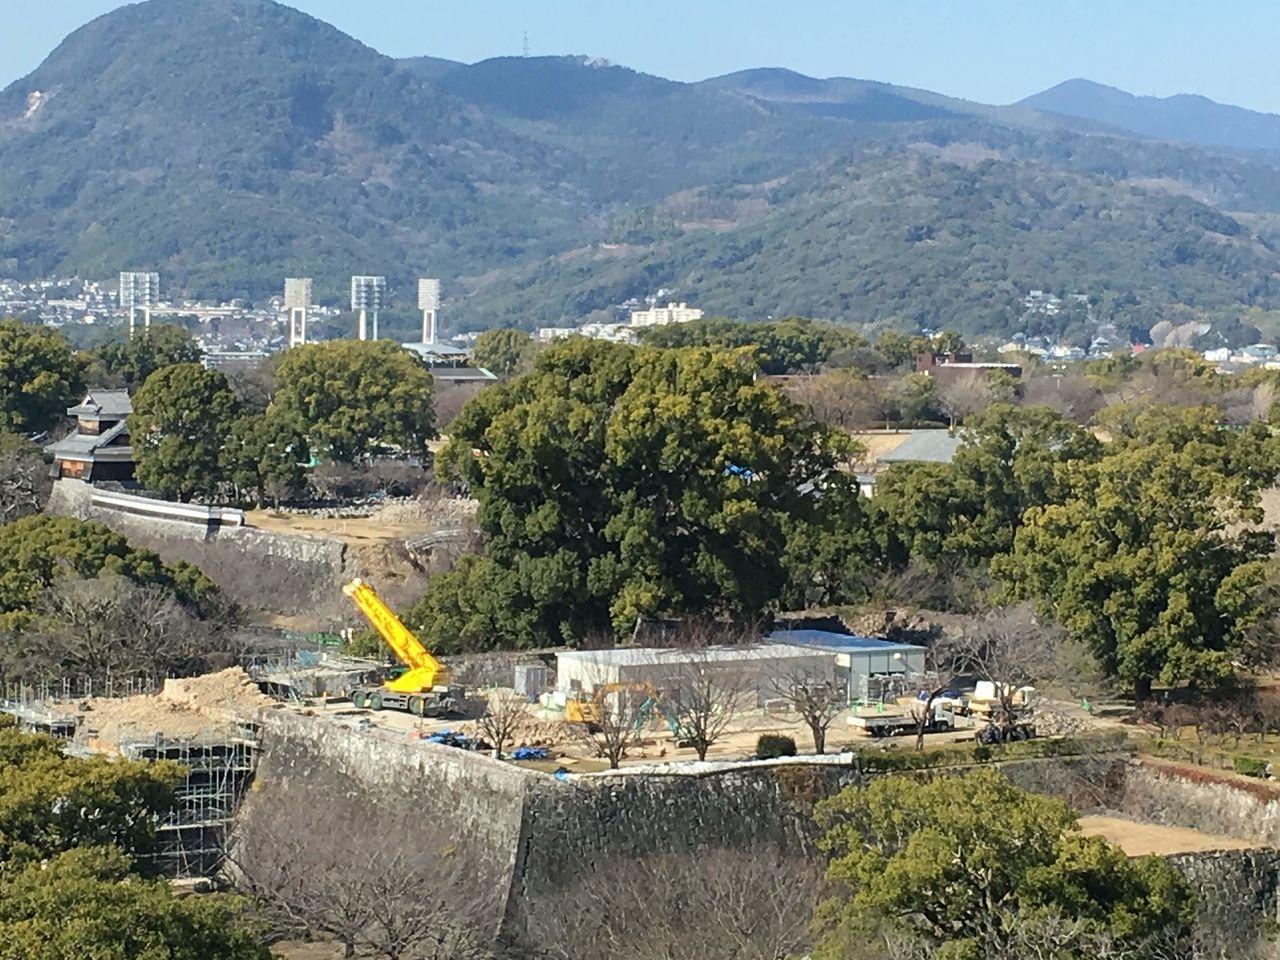 復興工事まっただ中の熊本城